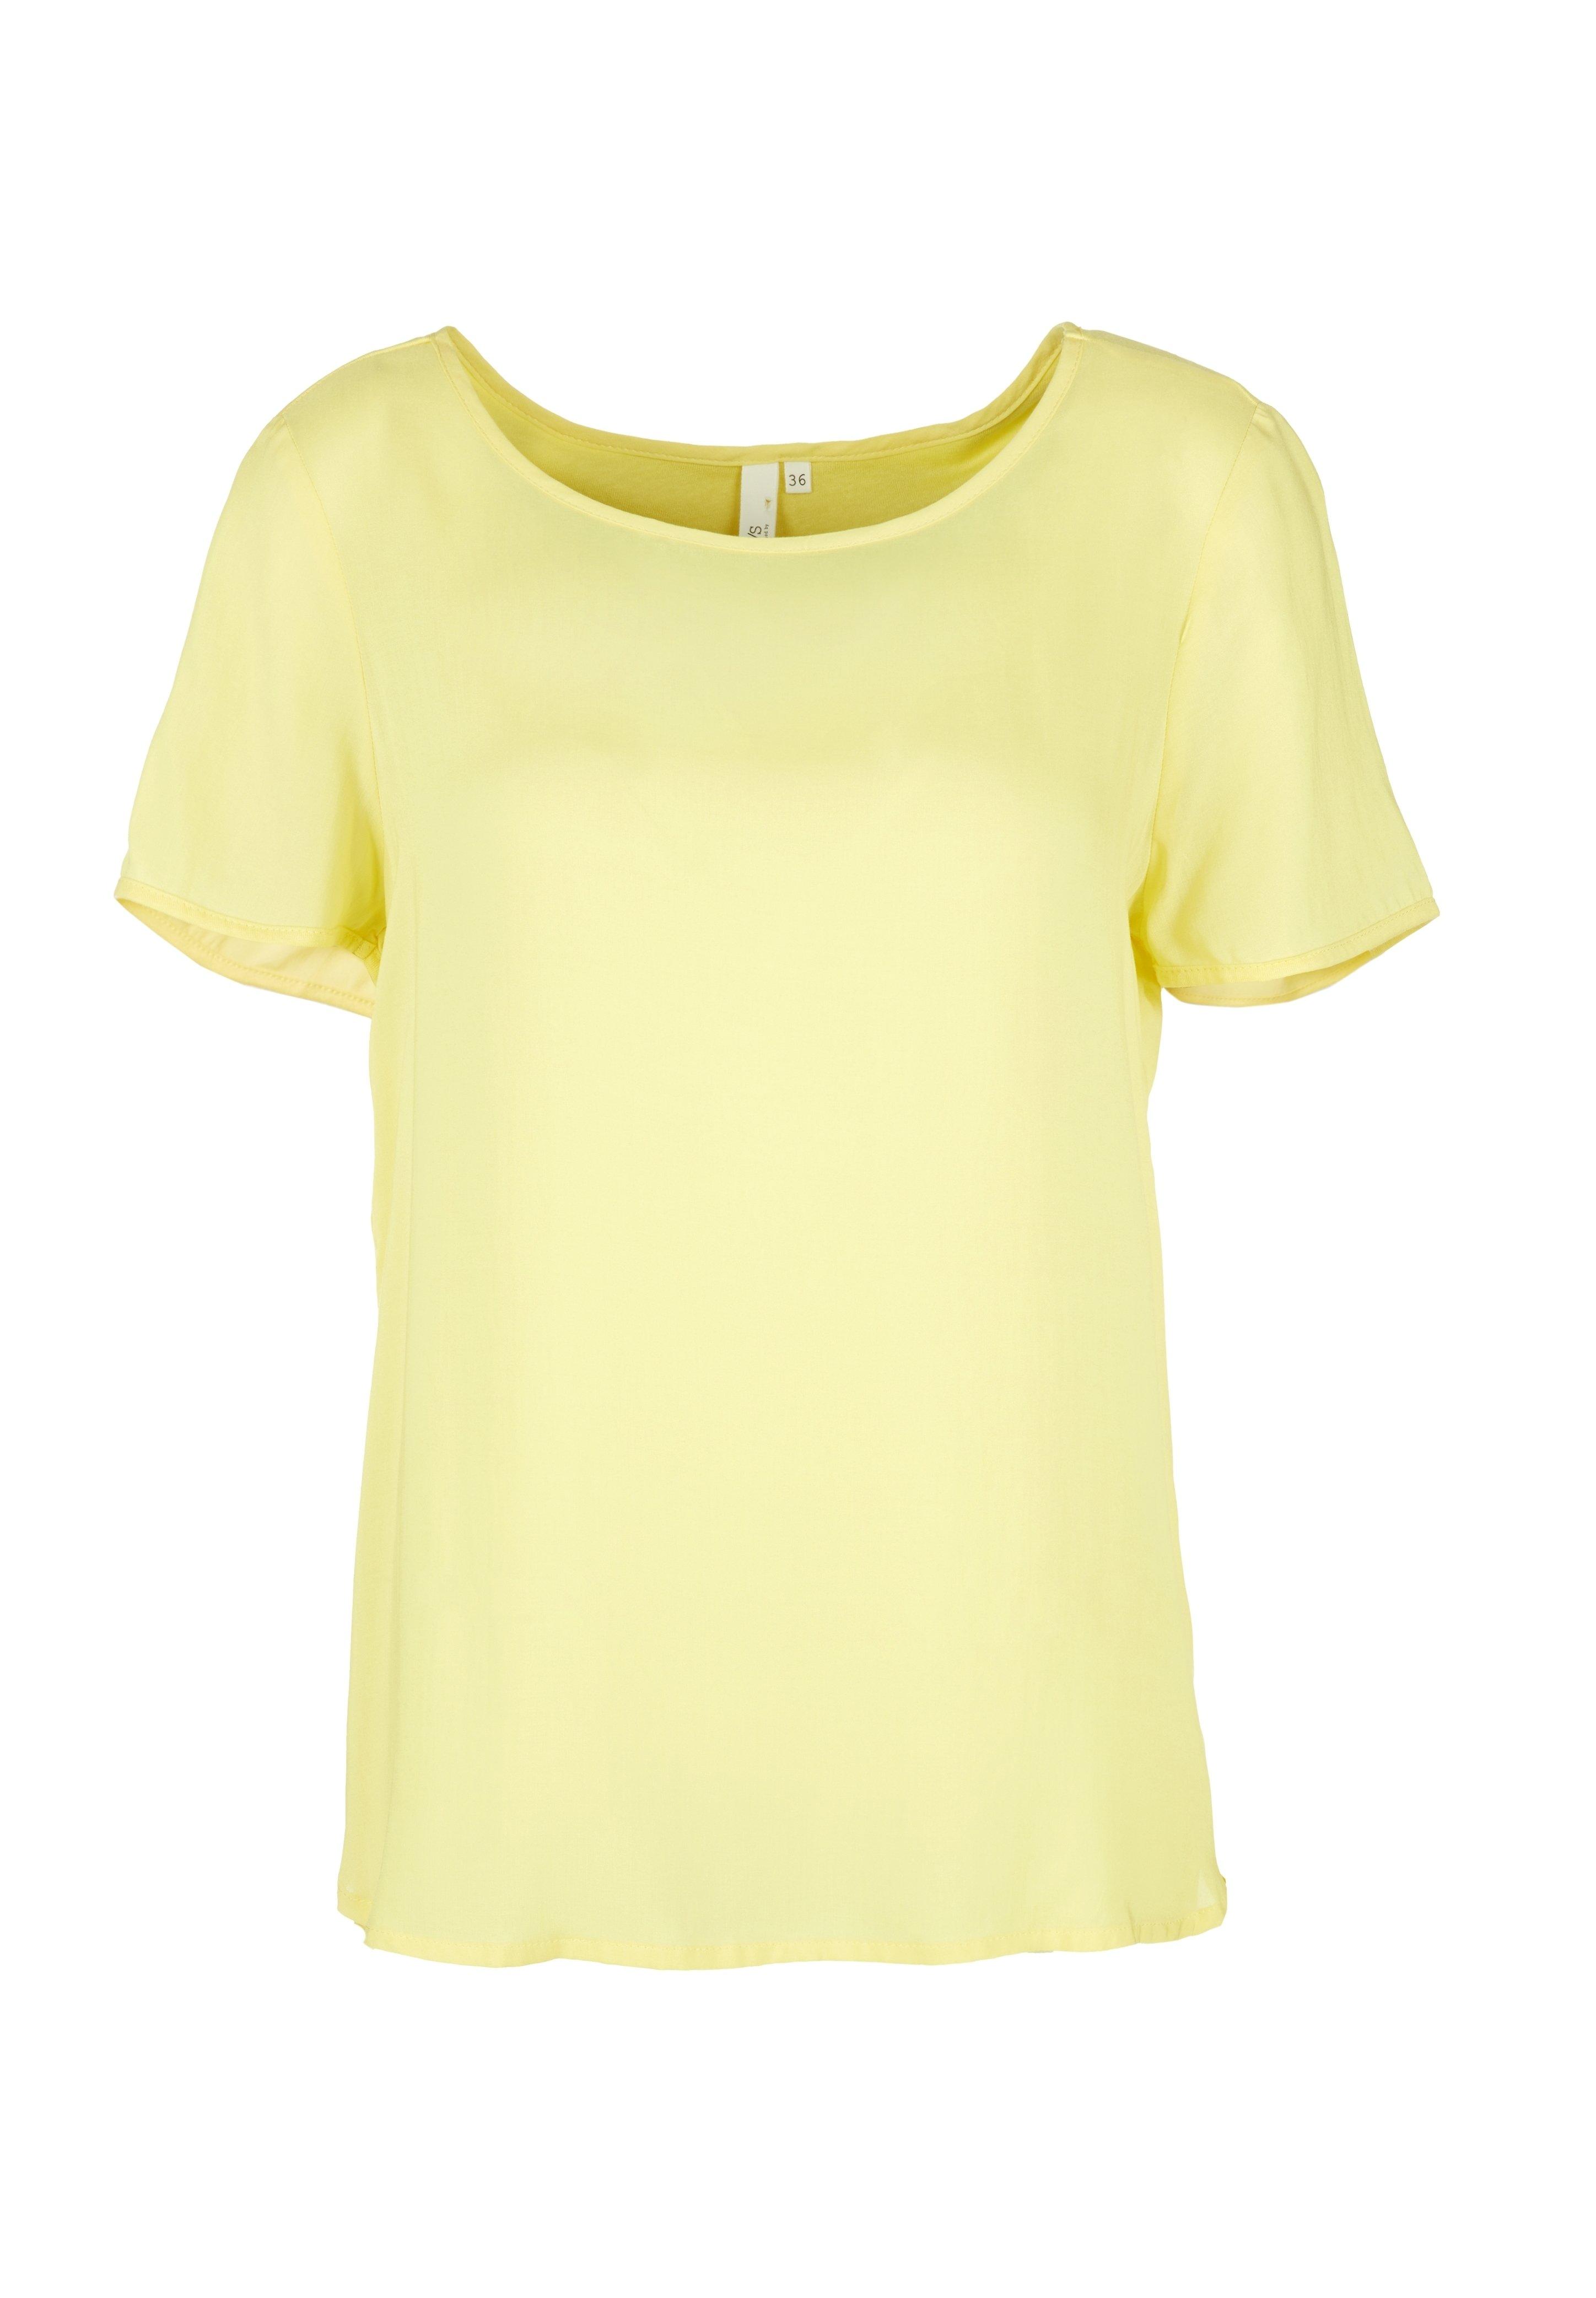 Damen BLUSE - KURZE ÄRMEL - T-Shirt basic